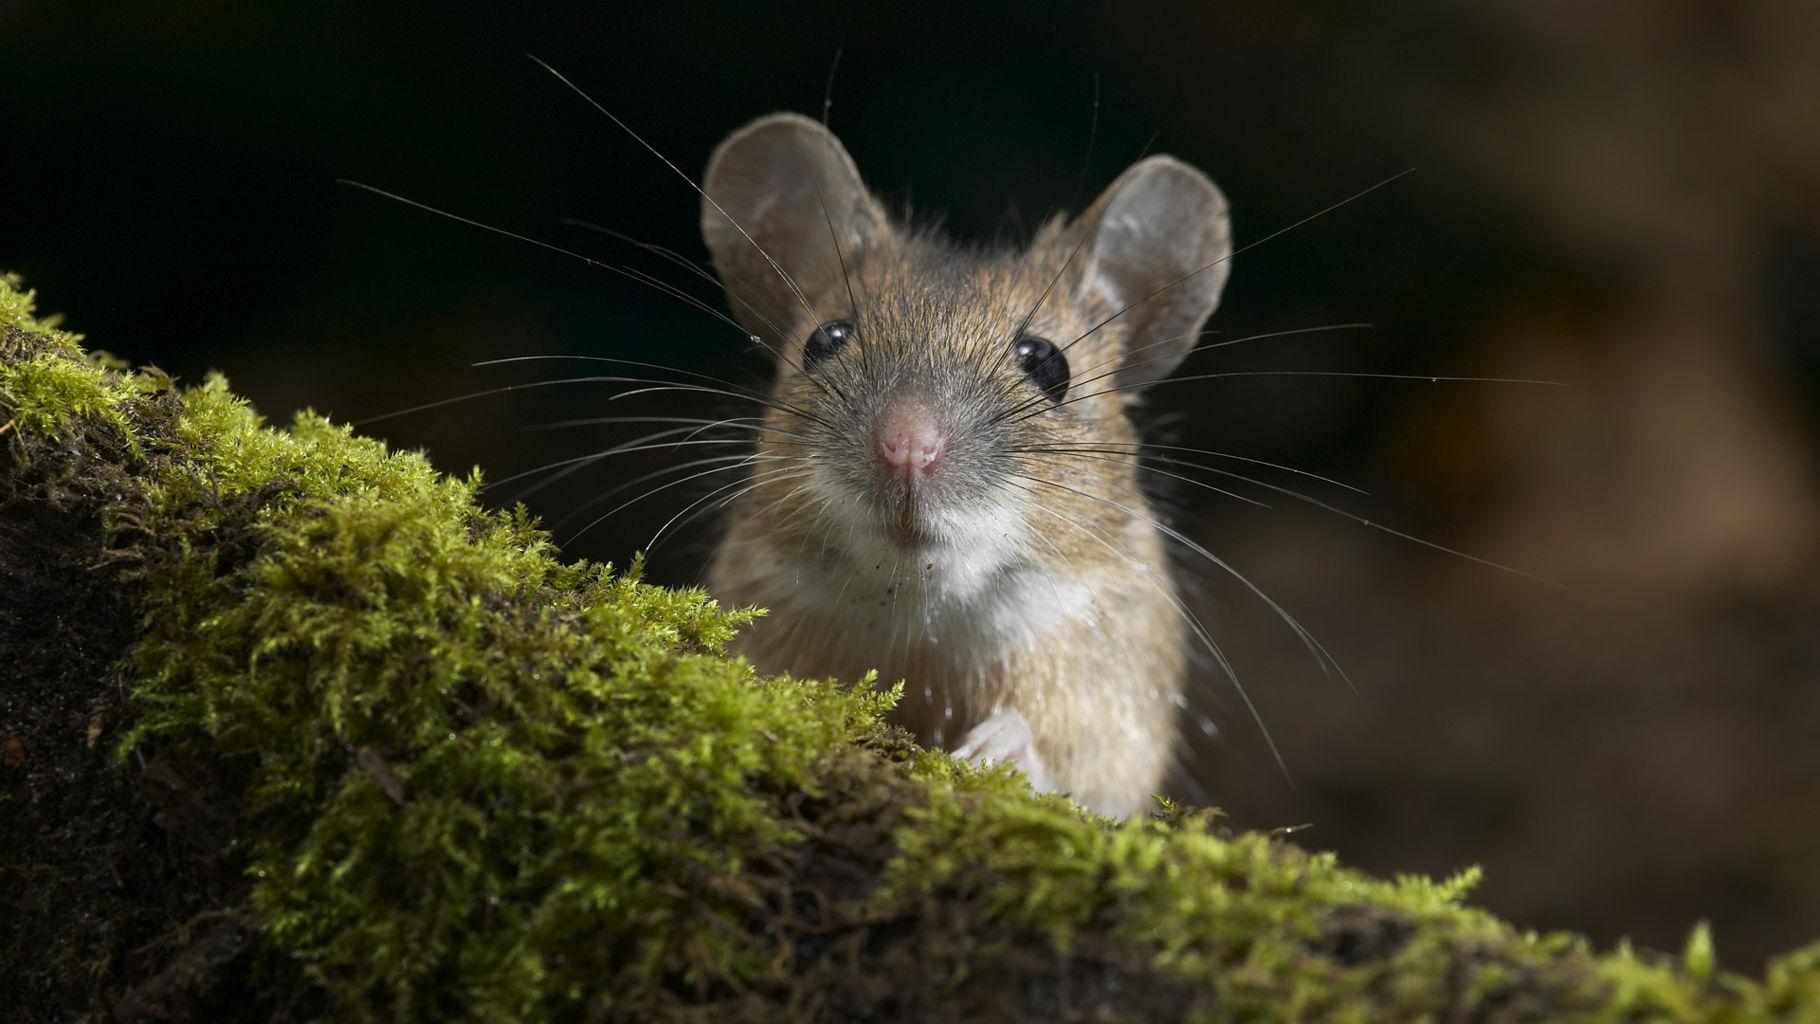 Mơ thấy chuột có ý nghĩa điềm báo như thế nào